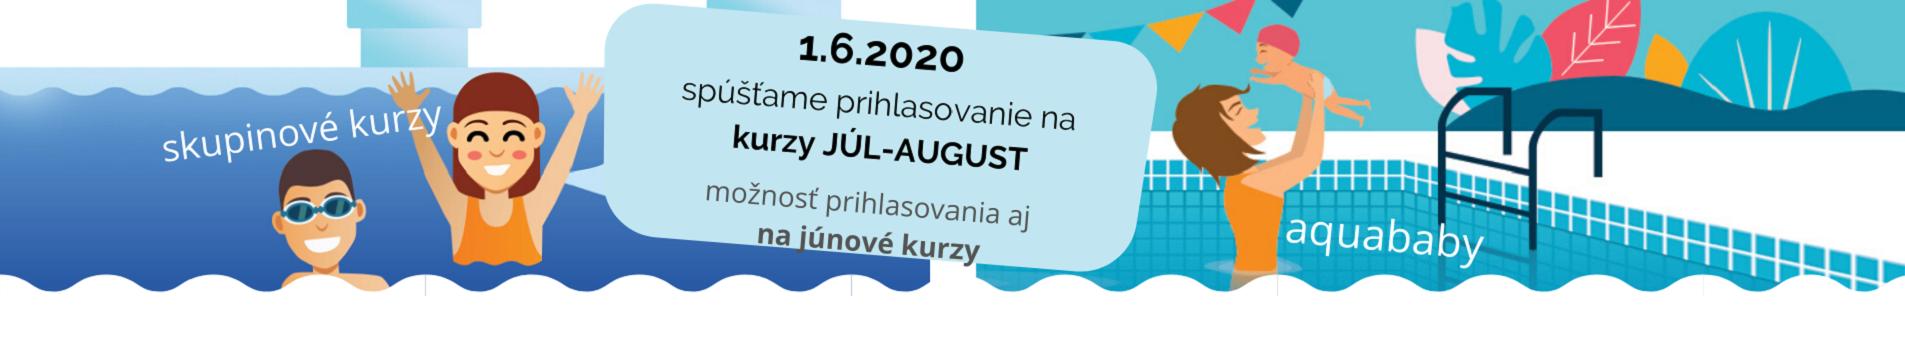 Prihlasovanie na kurzy jún-august